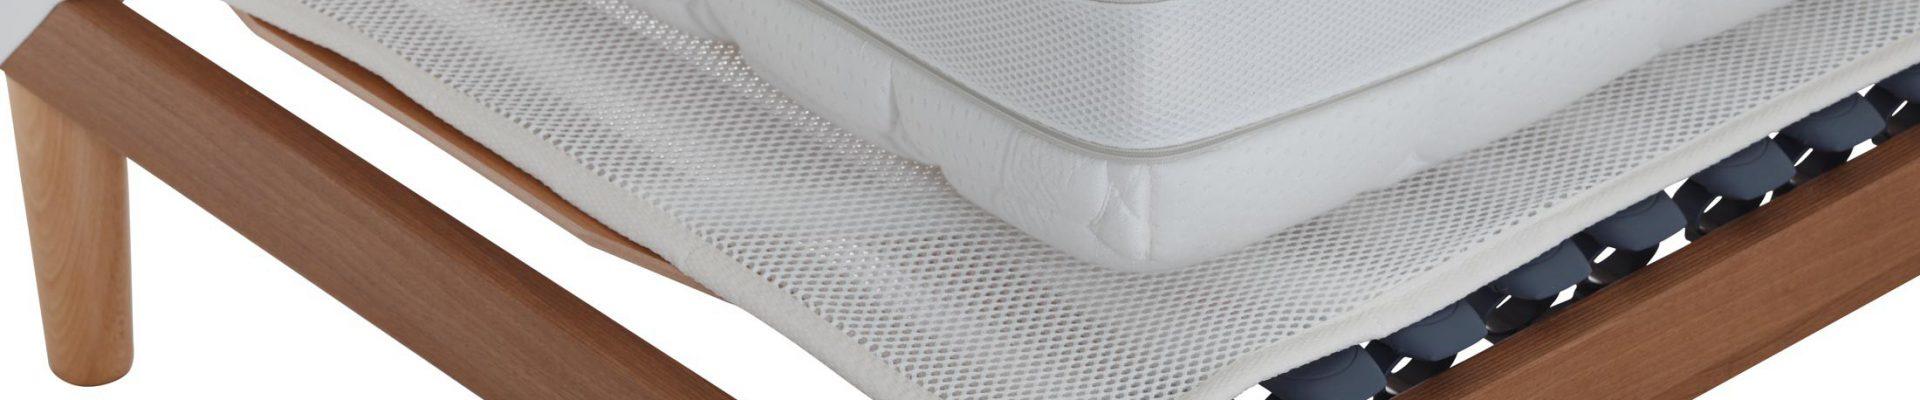 dettaglio-coprirete-materasso-airtex-falomo